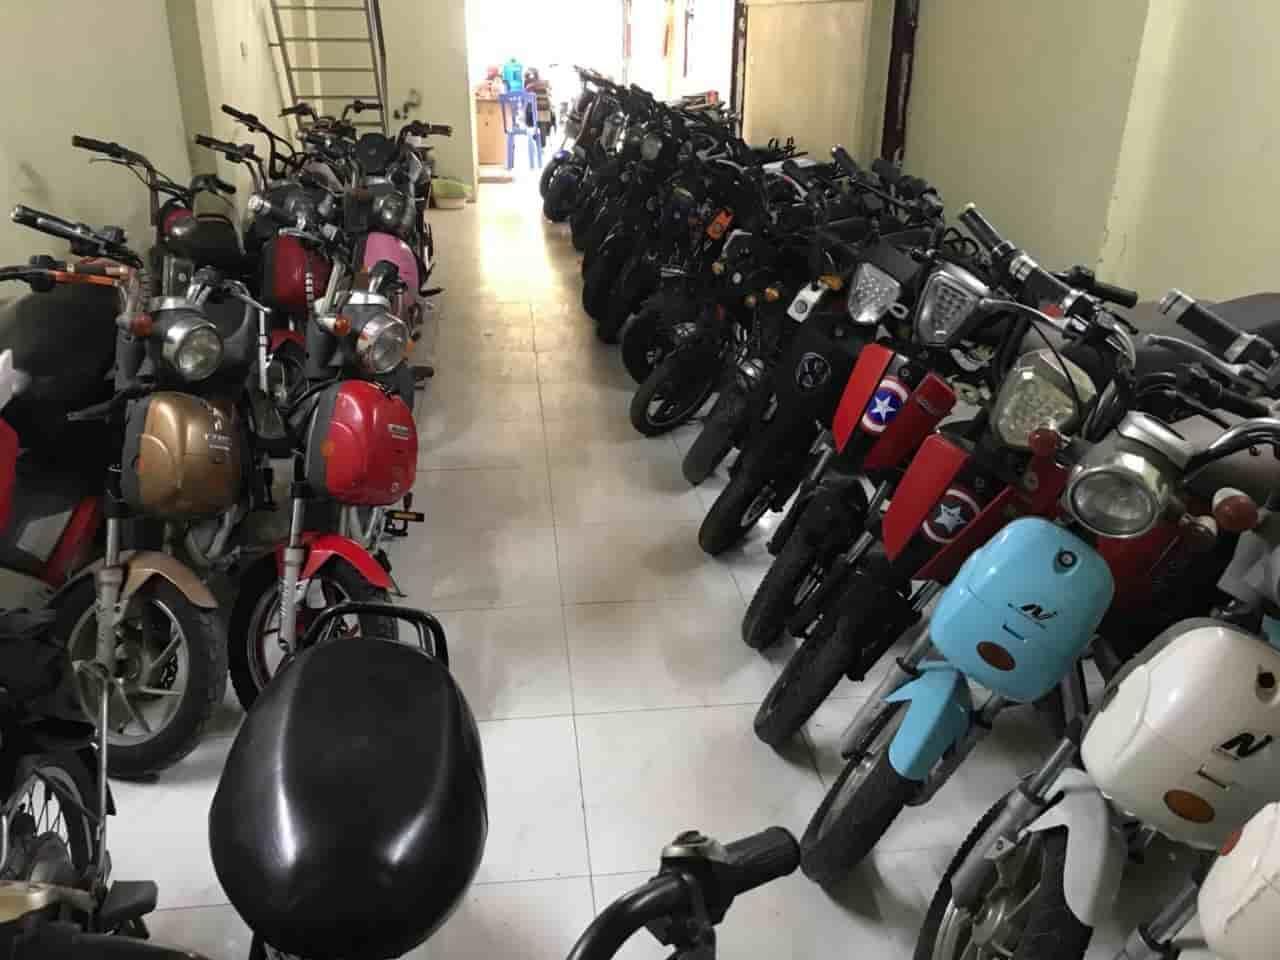 xe đạp điện cũ tại tỉnh Thái Bình